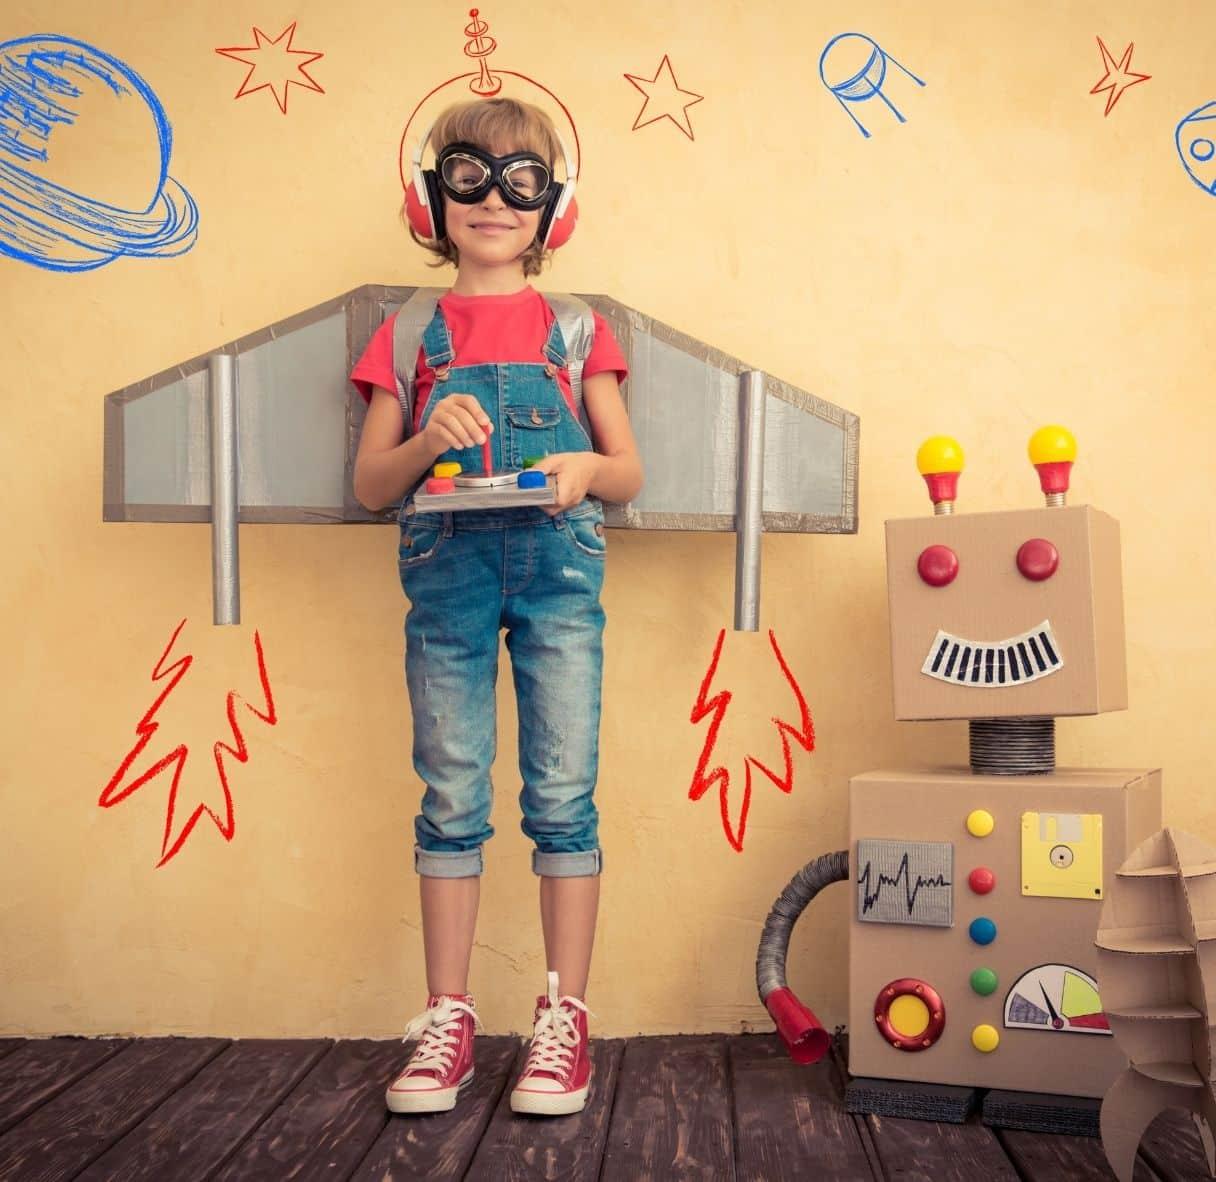 Online Tecnicrea Extraescolares robótica y programación